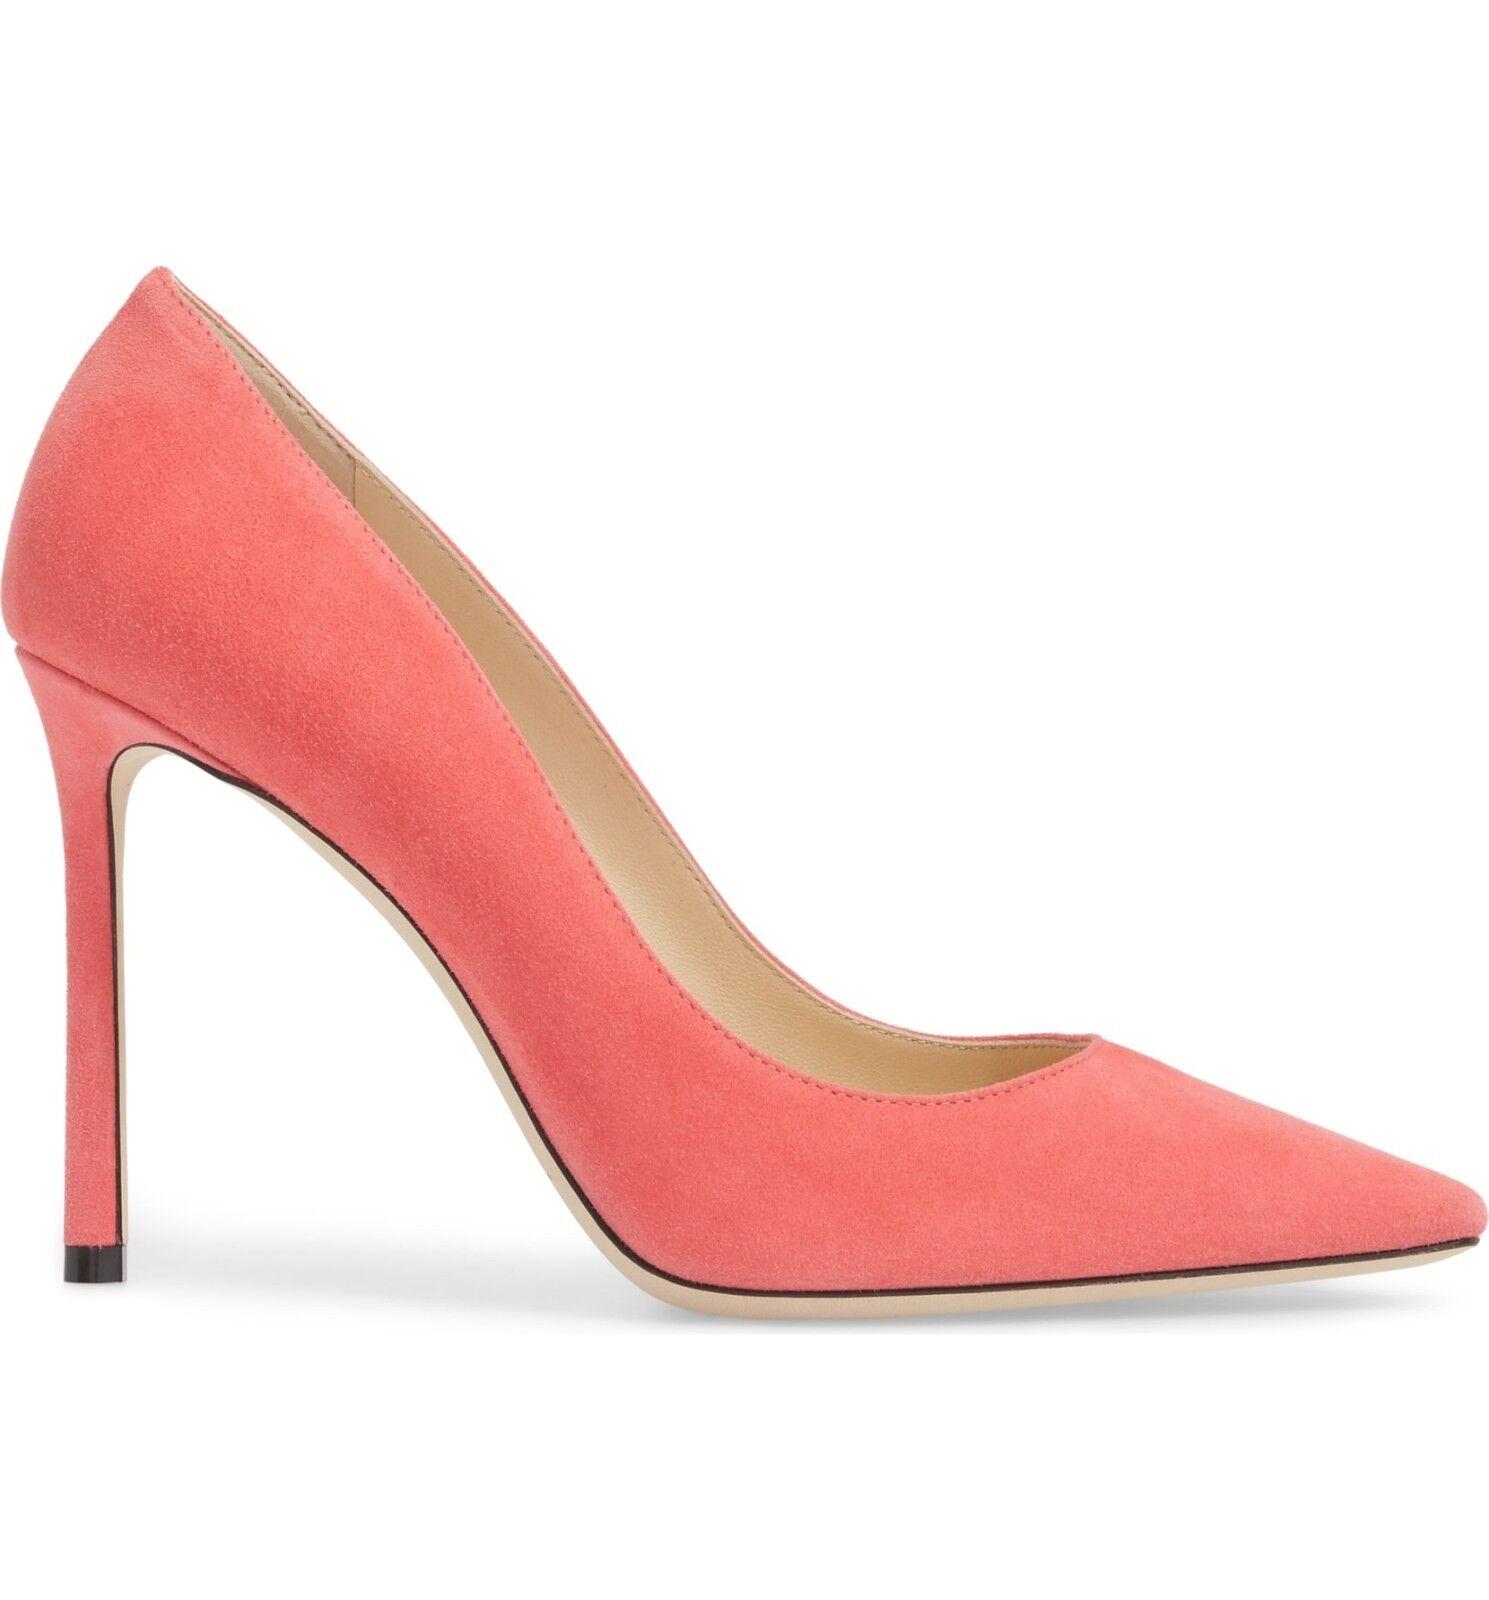 NIB Jimmy Choo ROMY Pointy Toe Pump Heel Heel Heel shoes FLAMINGO PINK Suede 38 -7.5 3d6ec4